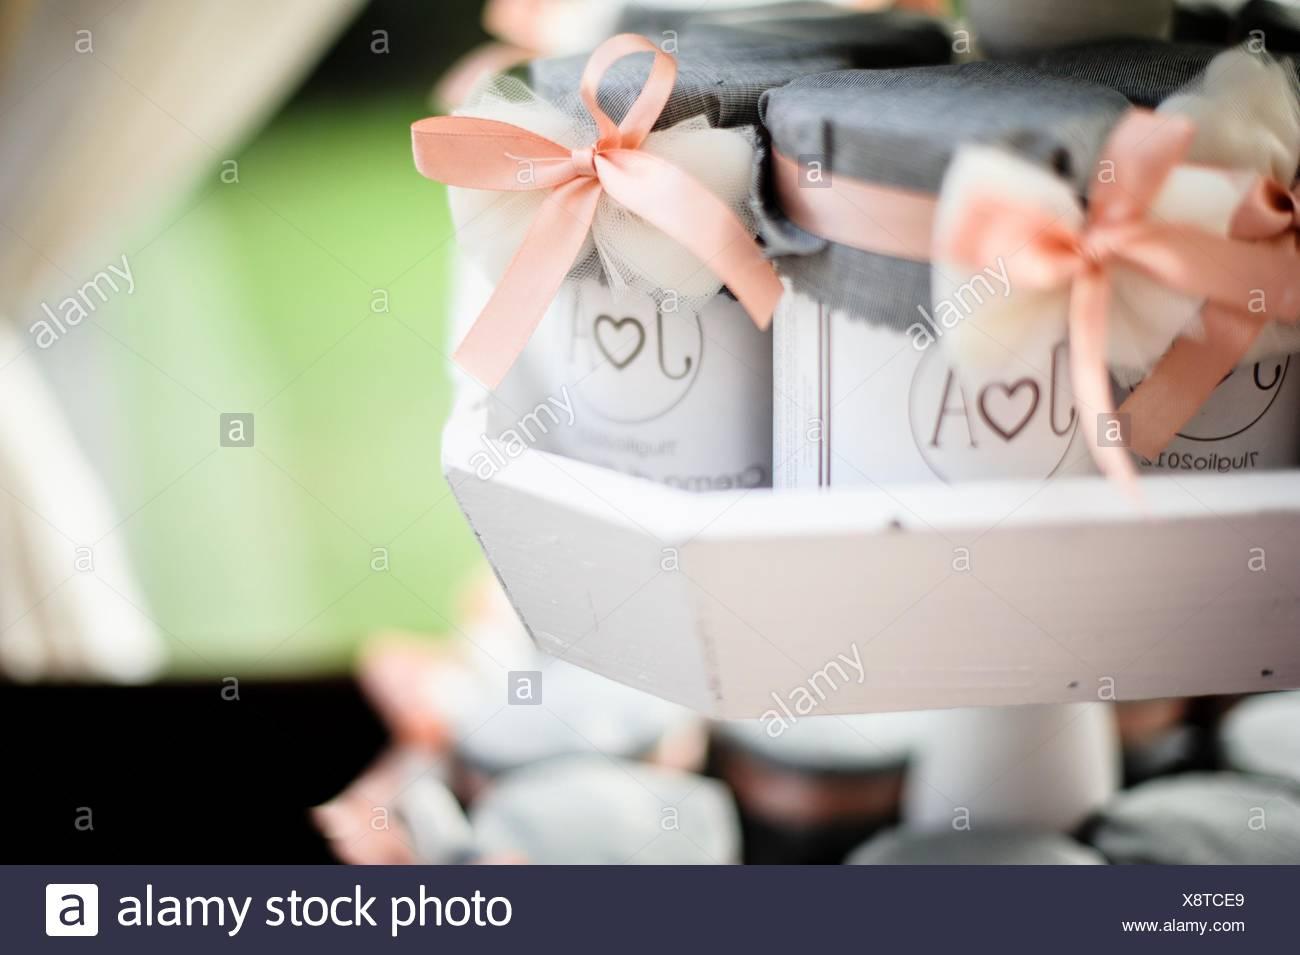 Marmelade Glaser Fur Hochzeitsgeschenke Stockfoto Bild 280819793